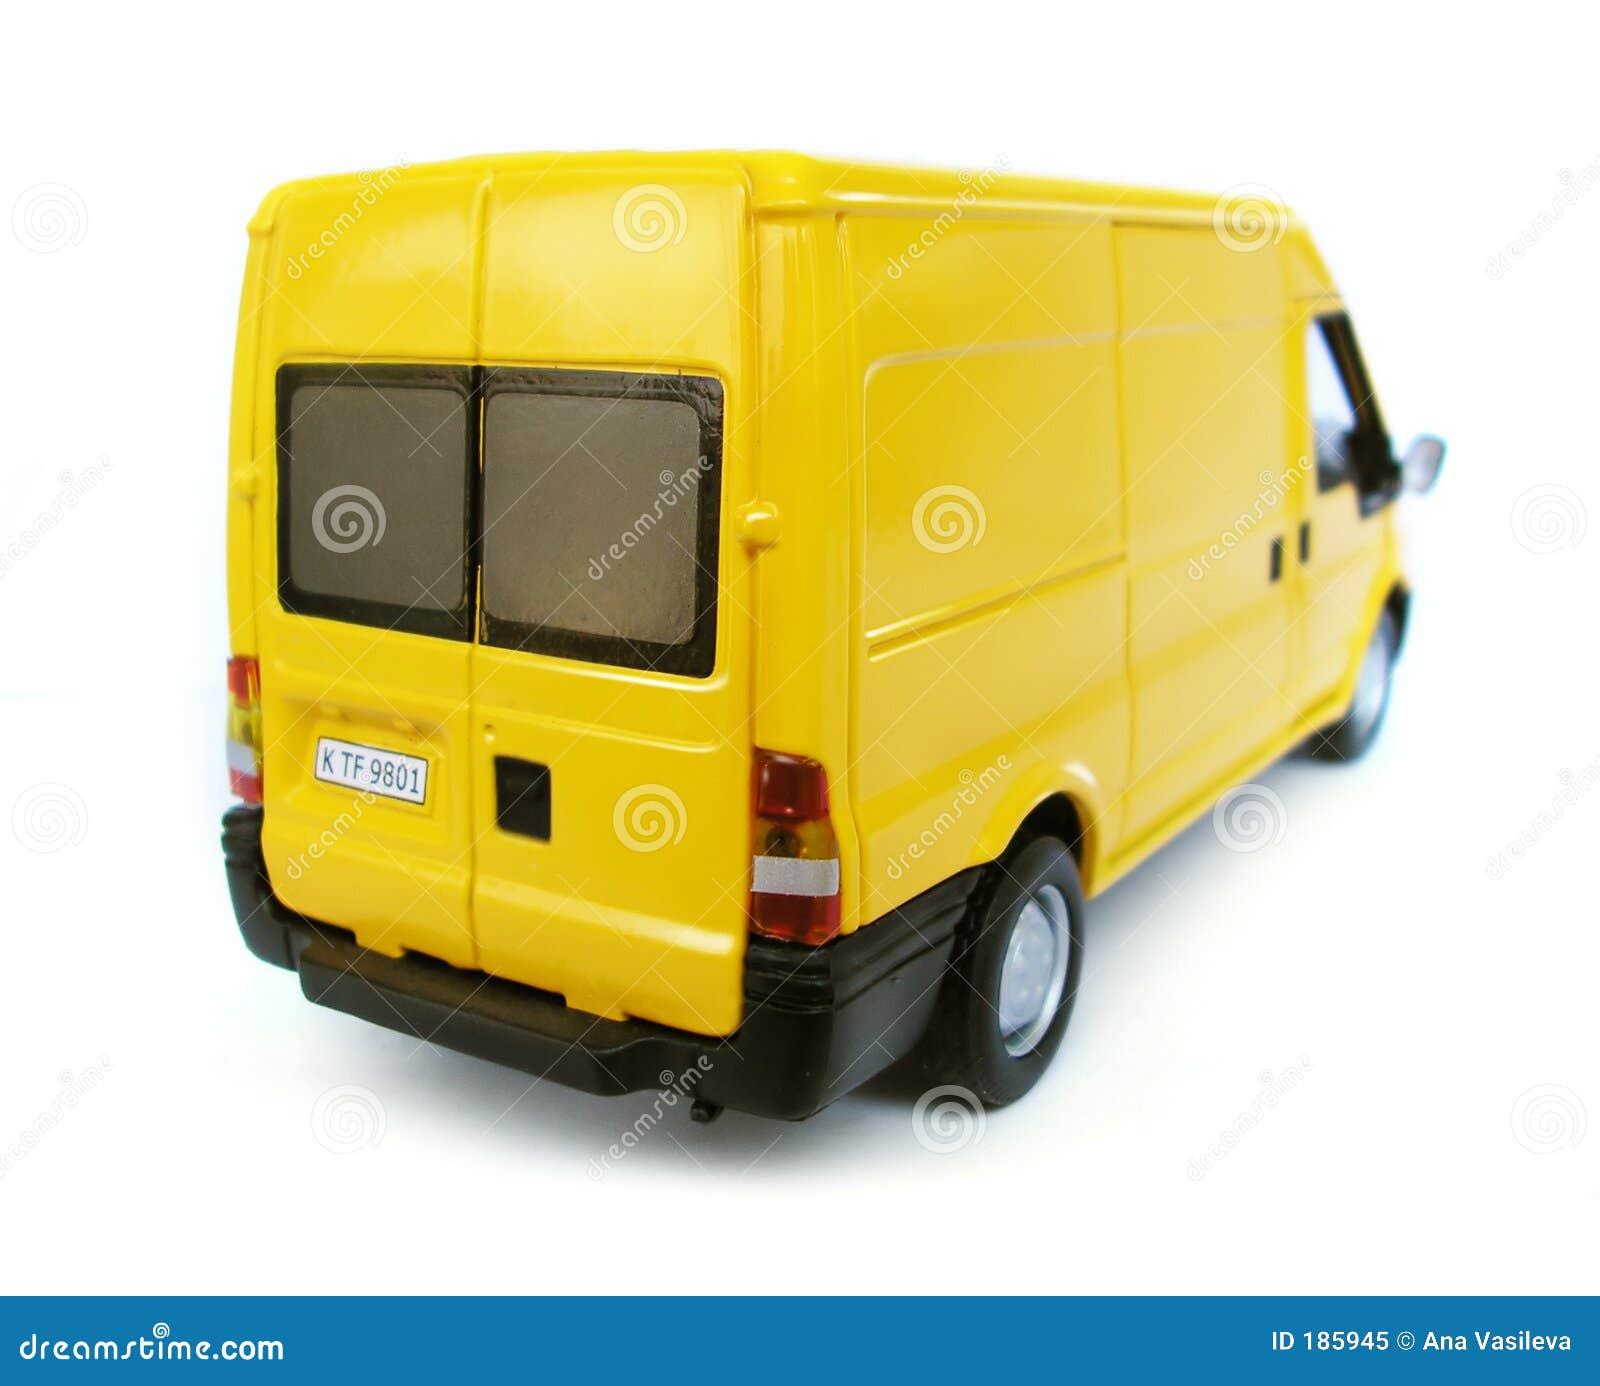 Coche modelo amarillo - Van. Manía, colección